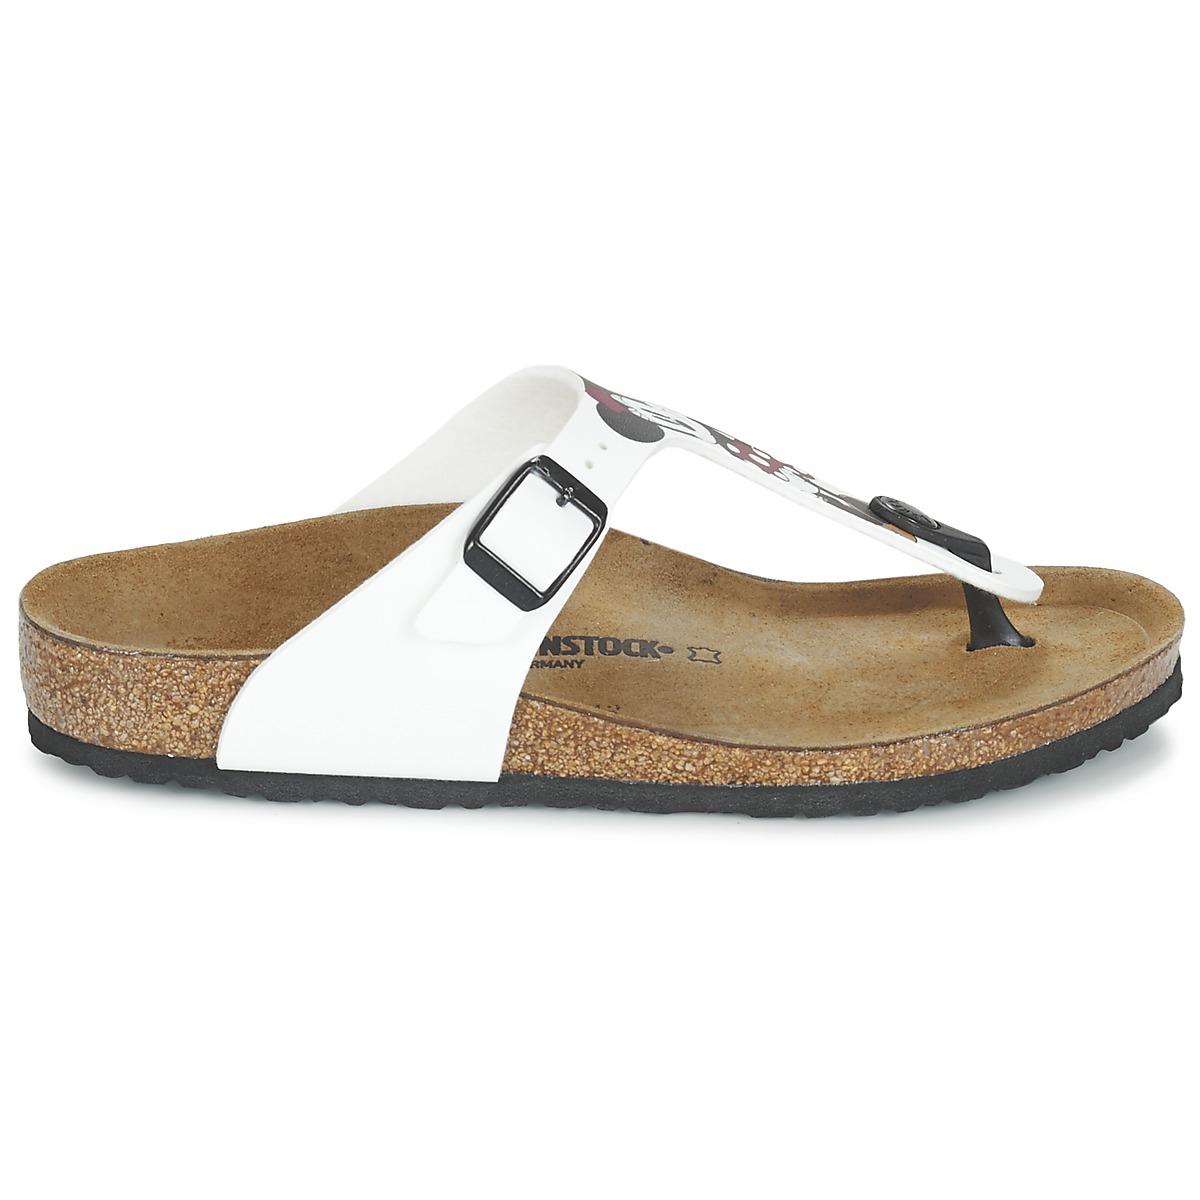 Birkenstock GIZEH Red Shoes Flip flops Child chic - steinfassaden.ch 87eedb7ae7